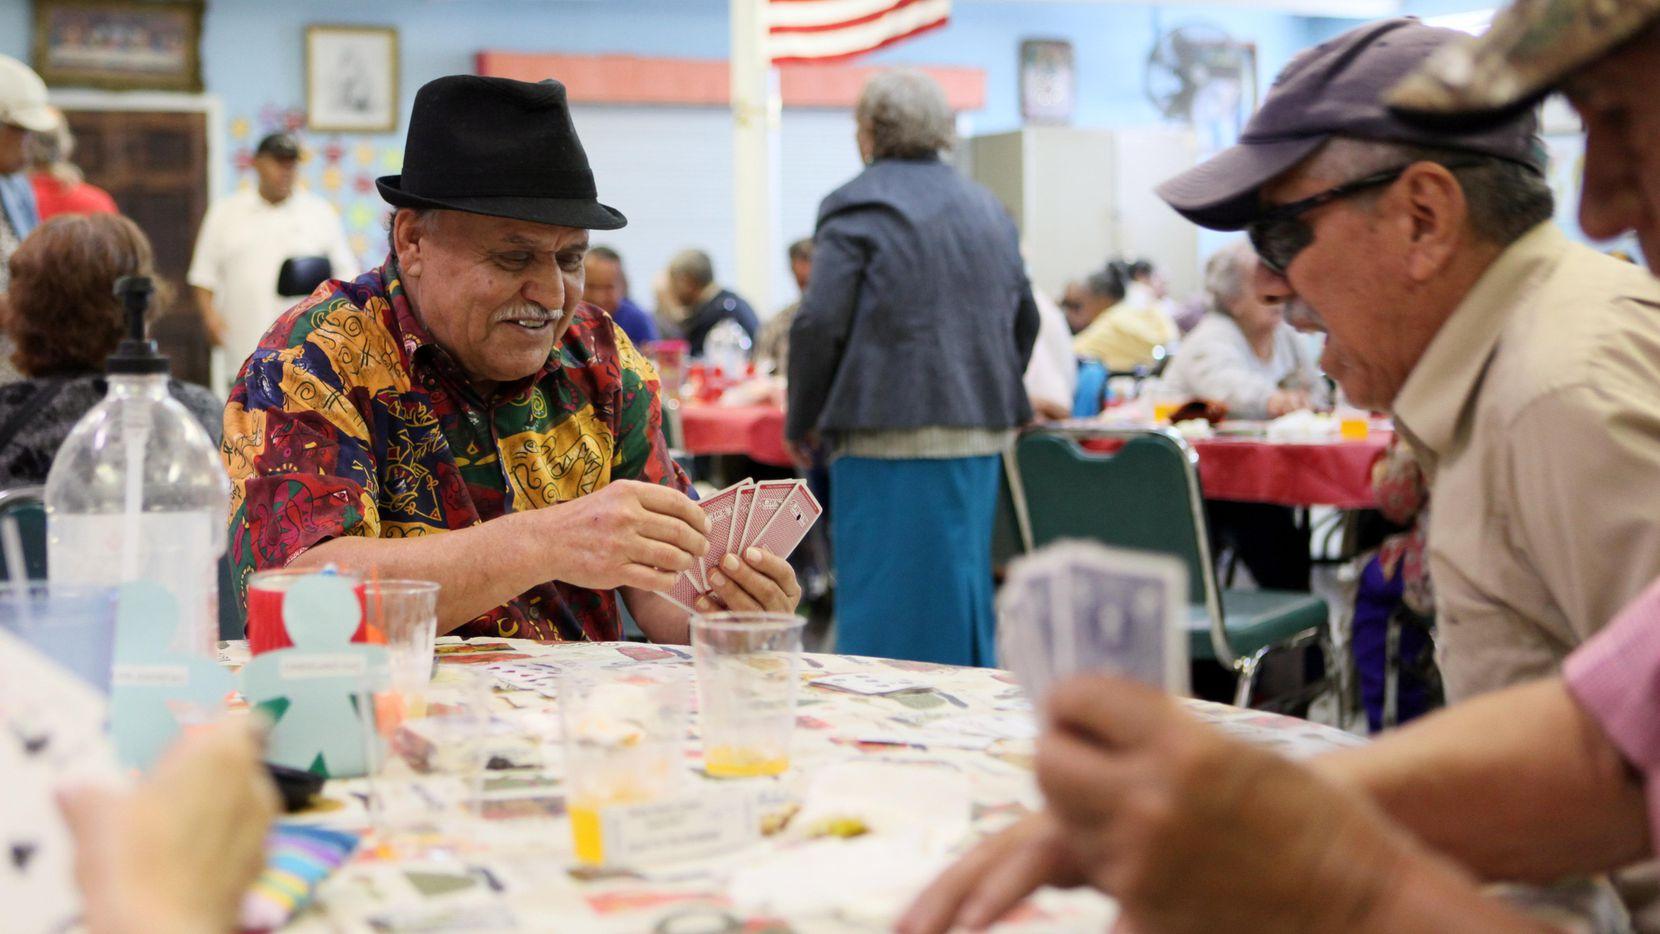 El Senior Center de West Dallas recauda fondos para financiar sus actividades. AL DÍA